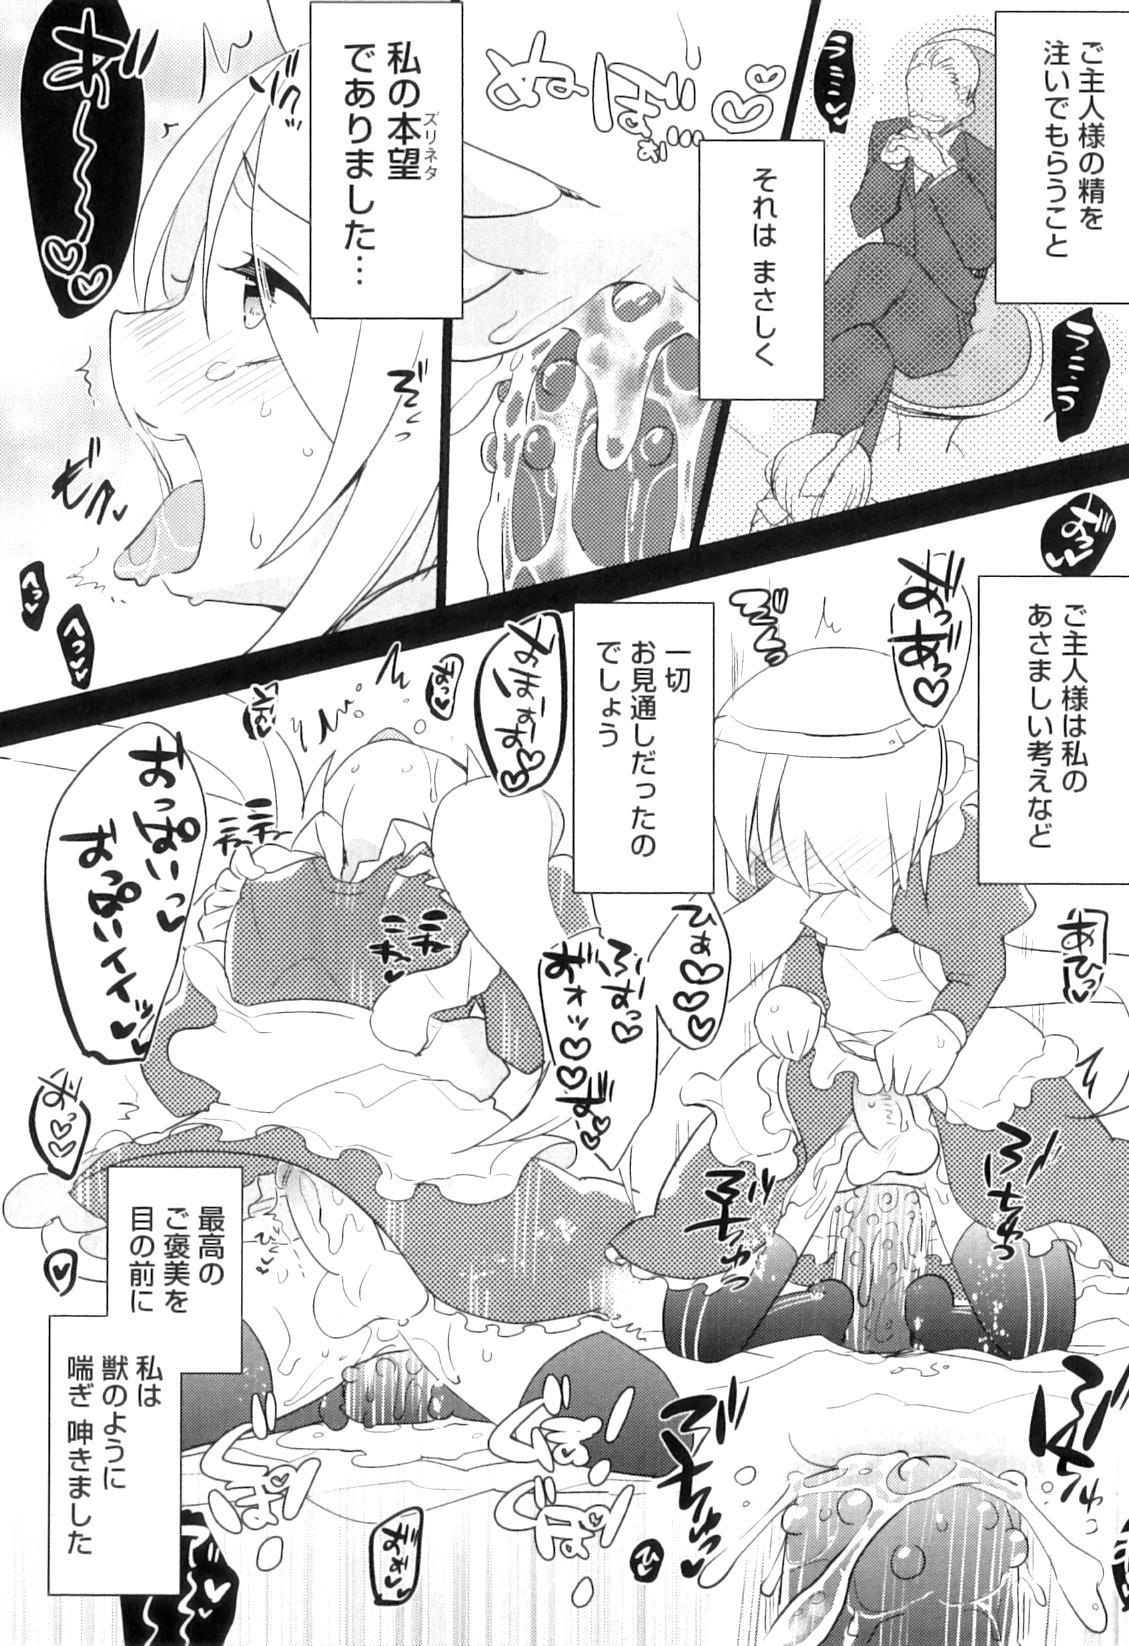 Otokonoko Heaven Vol. 09 116